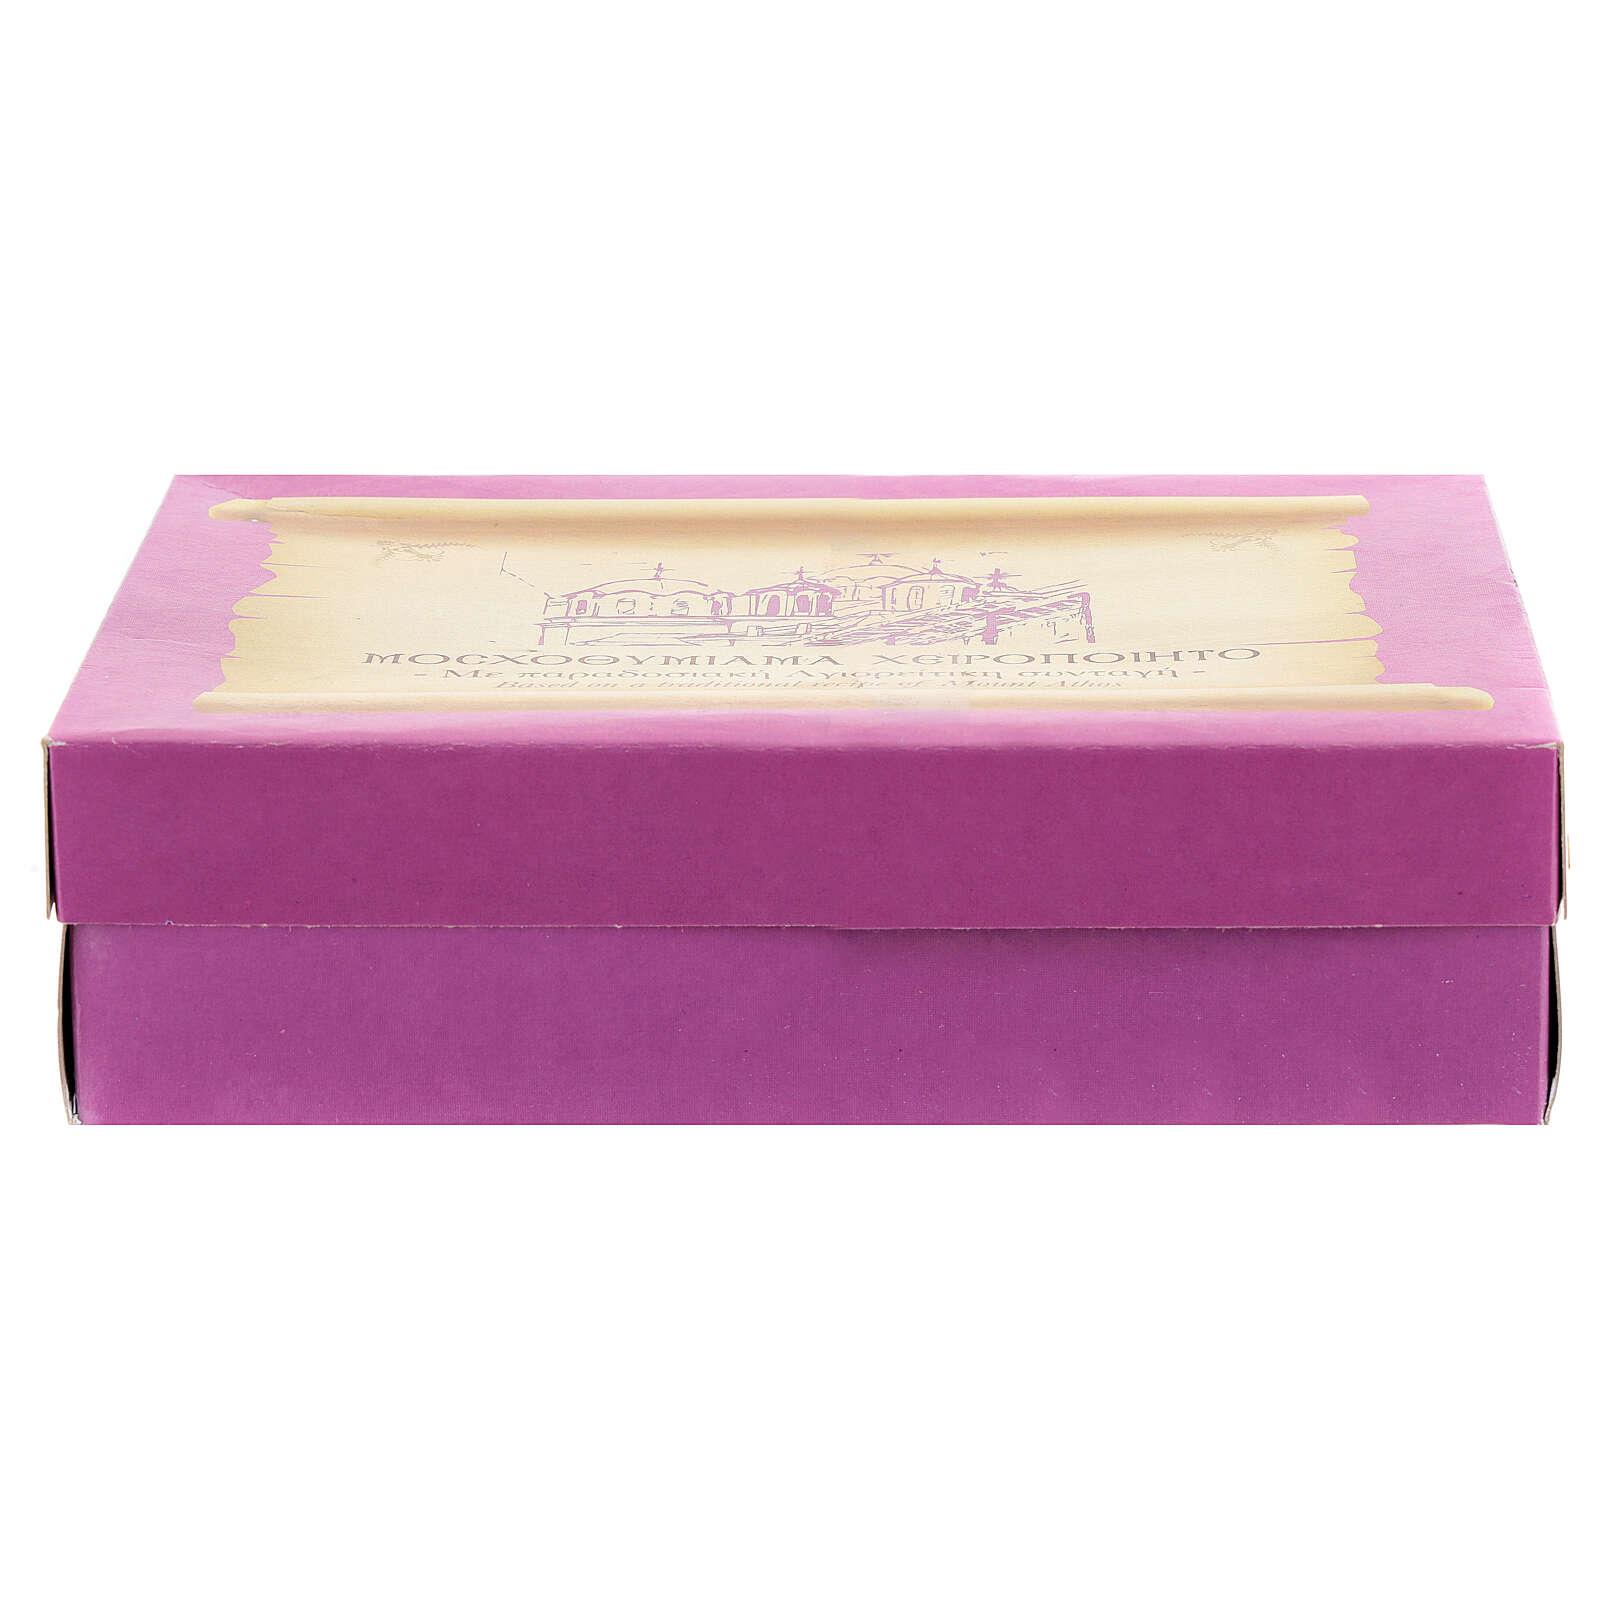 Greek incense violet perfume 1 kg 3